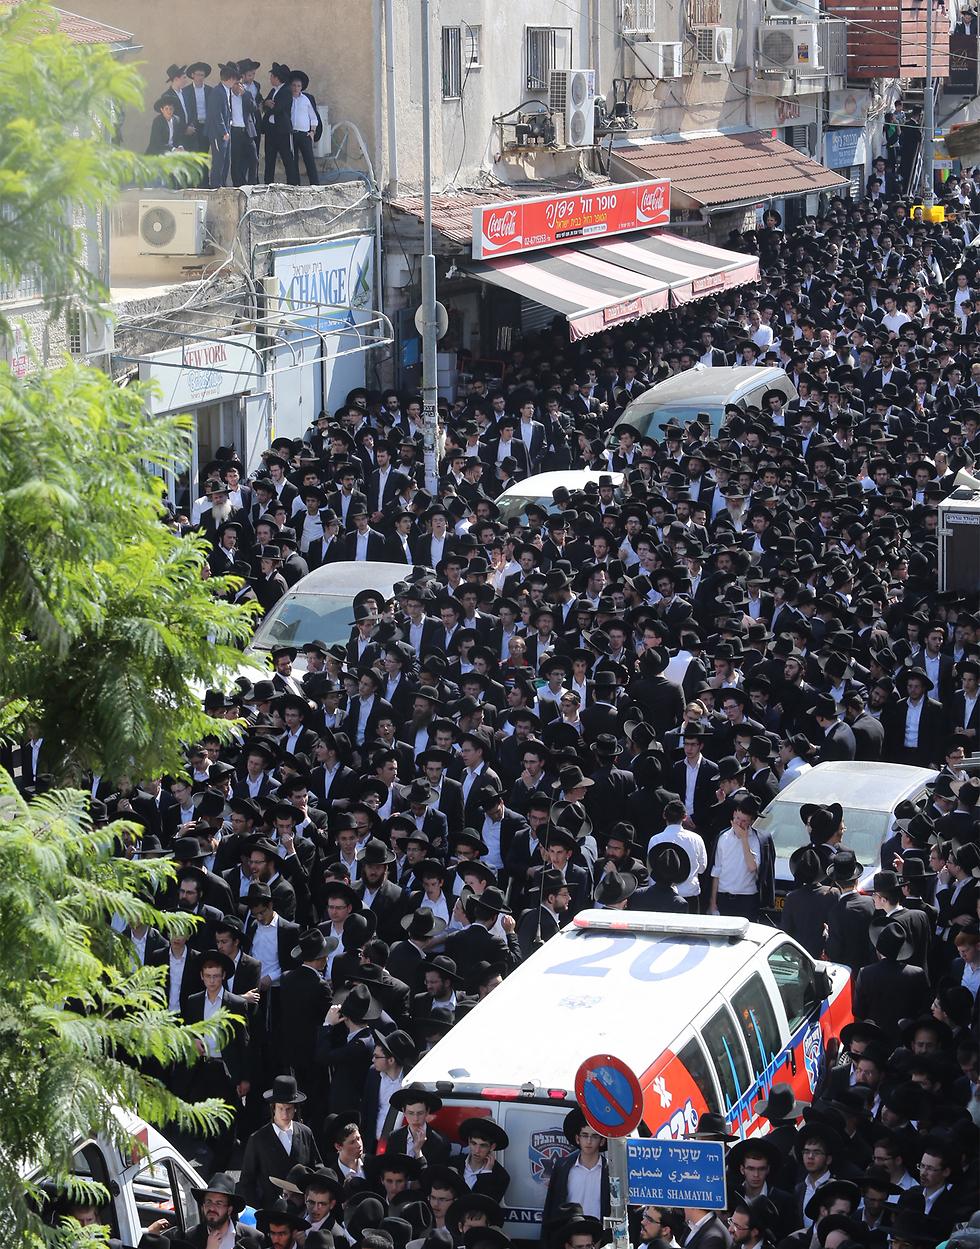 ההלוויה בירושלים (צילום: גיל יוחנן) (צילום: גיל יוחנן)